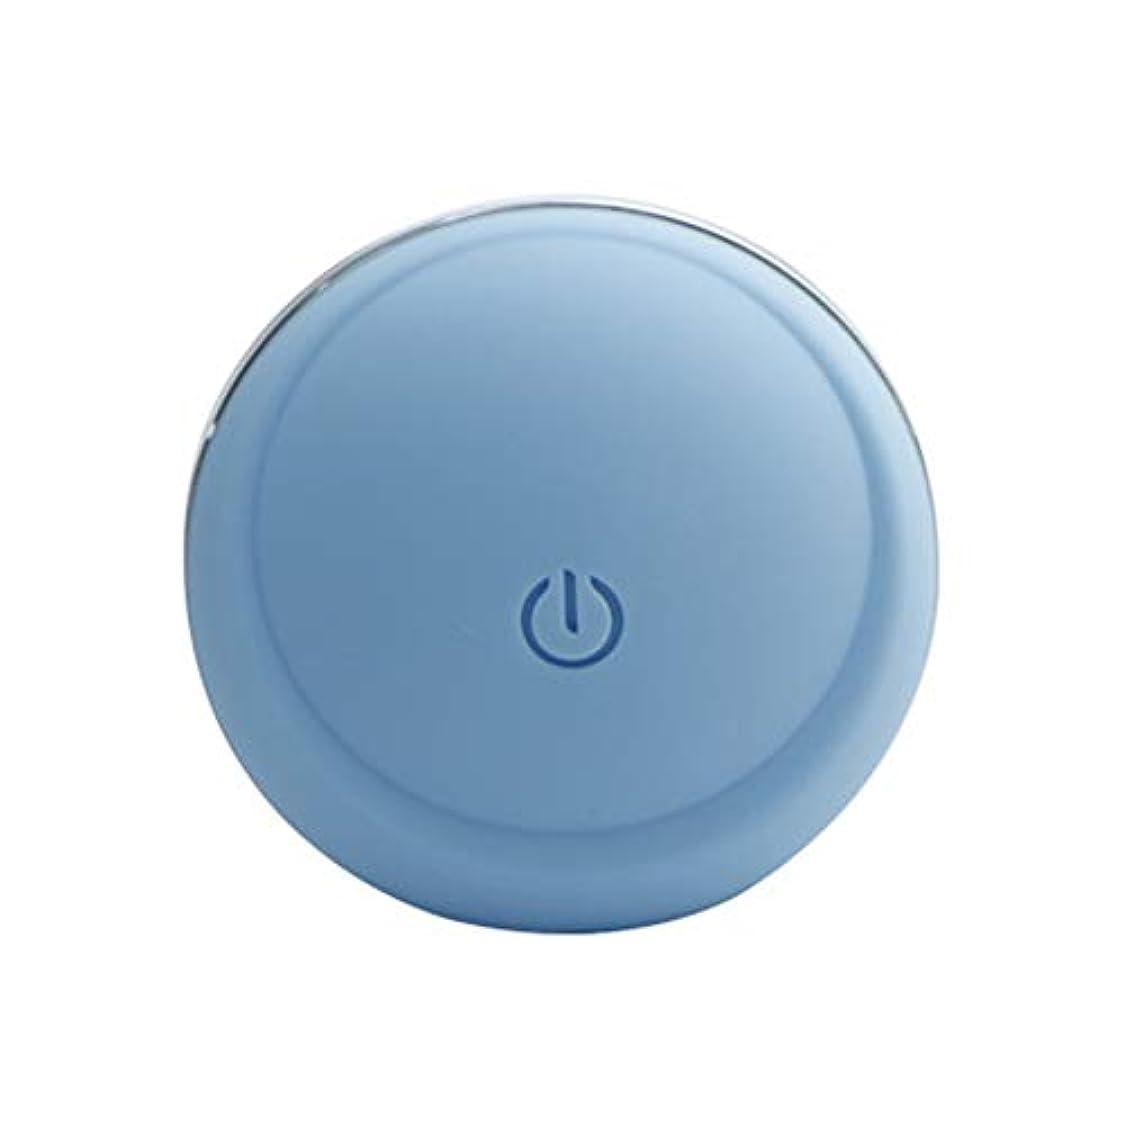 密接にステンレス玉電動洗顔ブラシ - USB 充電 携帯用電動シリコンフェイスクレンジングブラシ 3速 全身防水 洗浄機毛穴クリーナーホーム顔美容機器ホーム